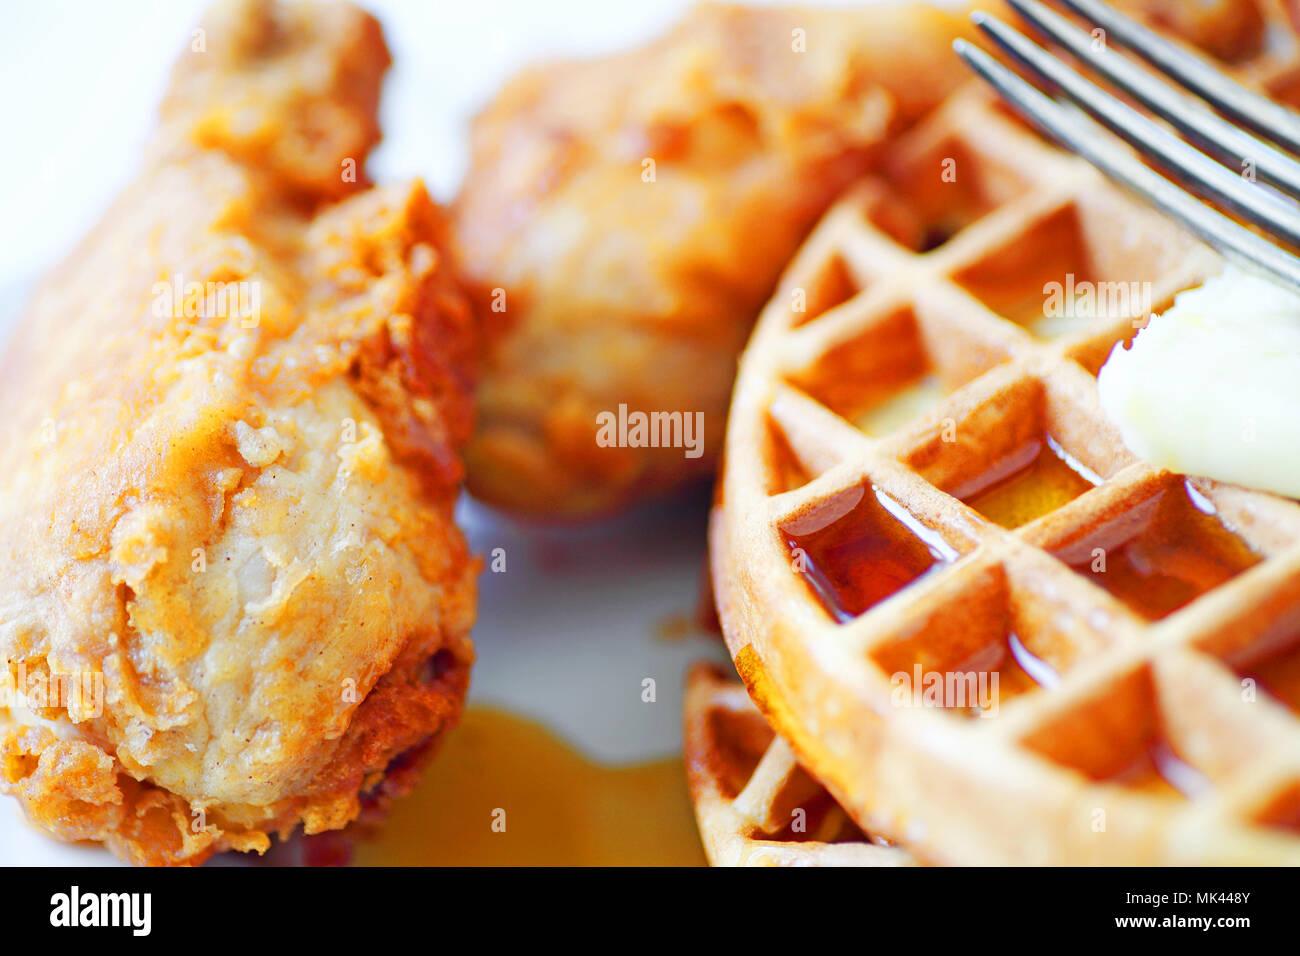 Gros plan du poulet frit, des jambes, des gaufres belges, de beurre et de sirop d'érable à l'aide d'une fourchette Photo Stock